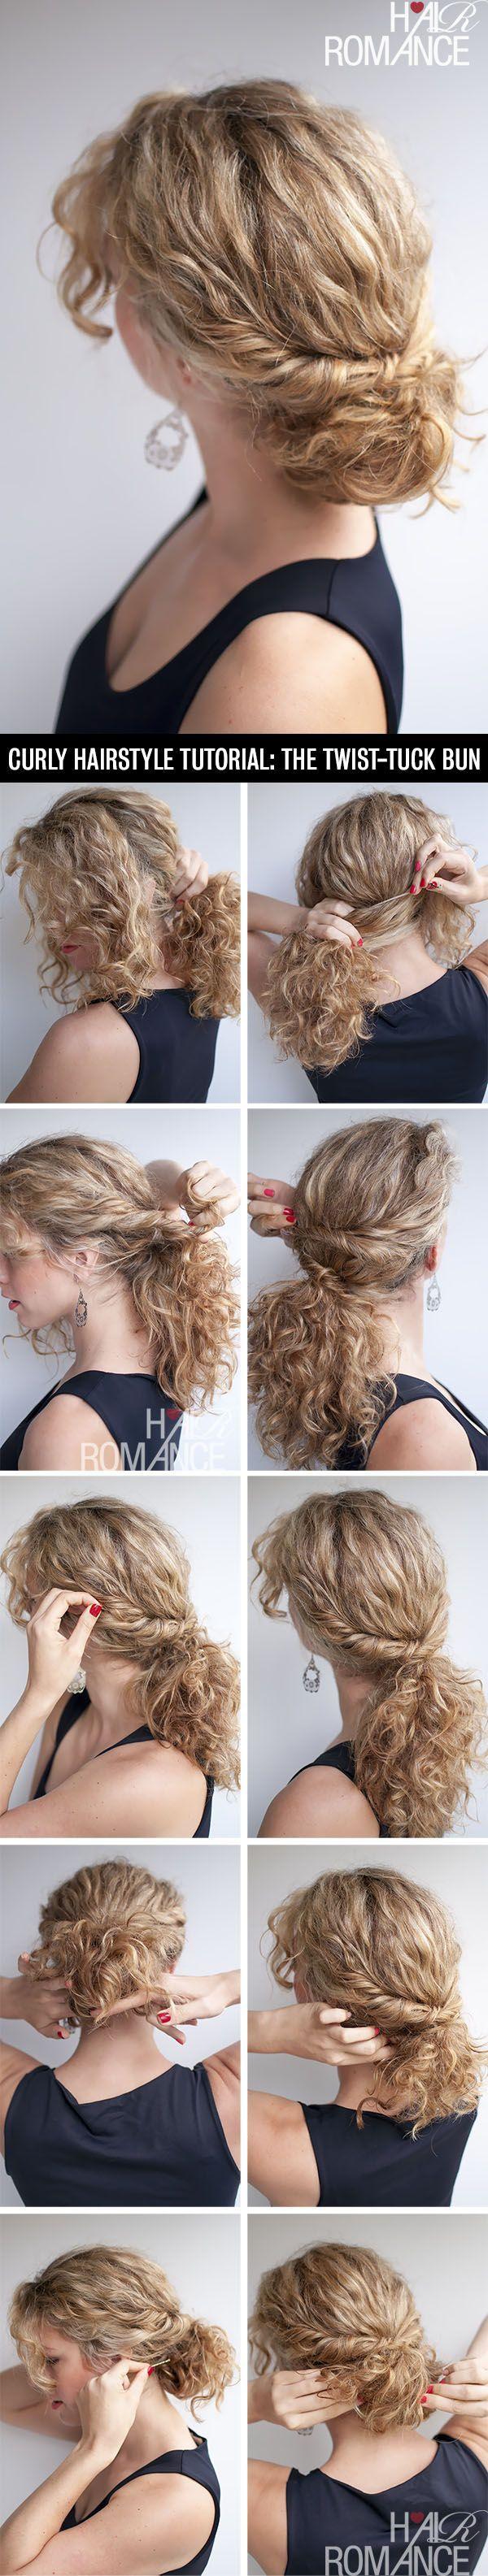 penteado para cabelos cacheados